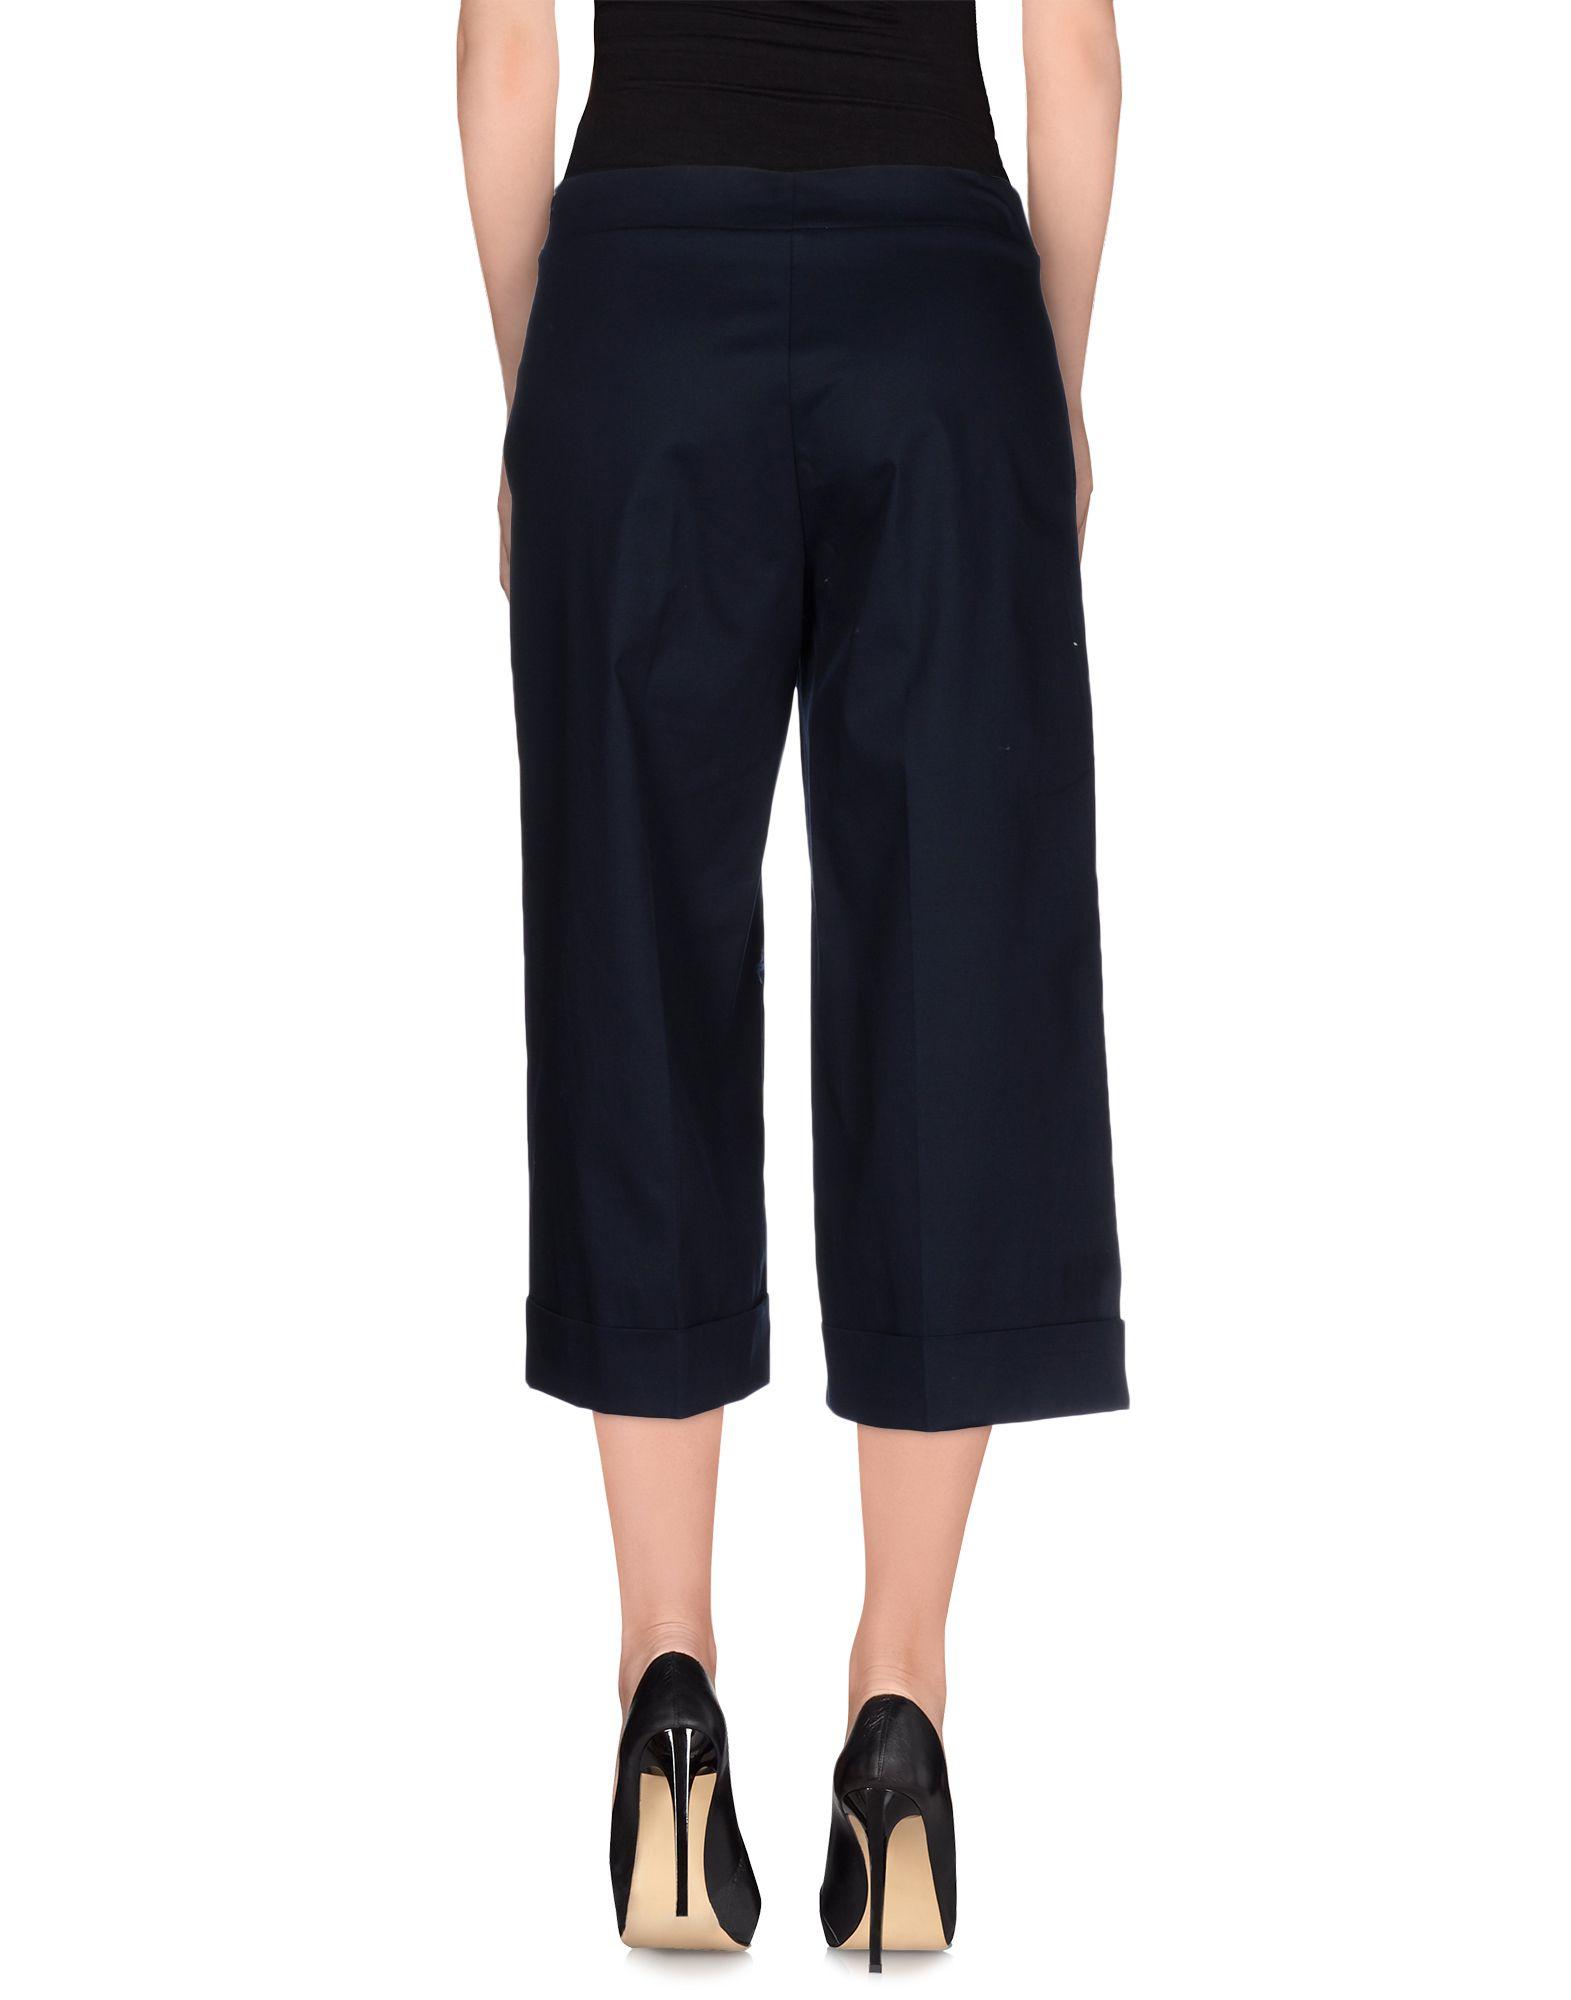 Les Pantalons - 3/4 Pantalons Longs Nineminutes 2Sk2o2o